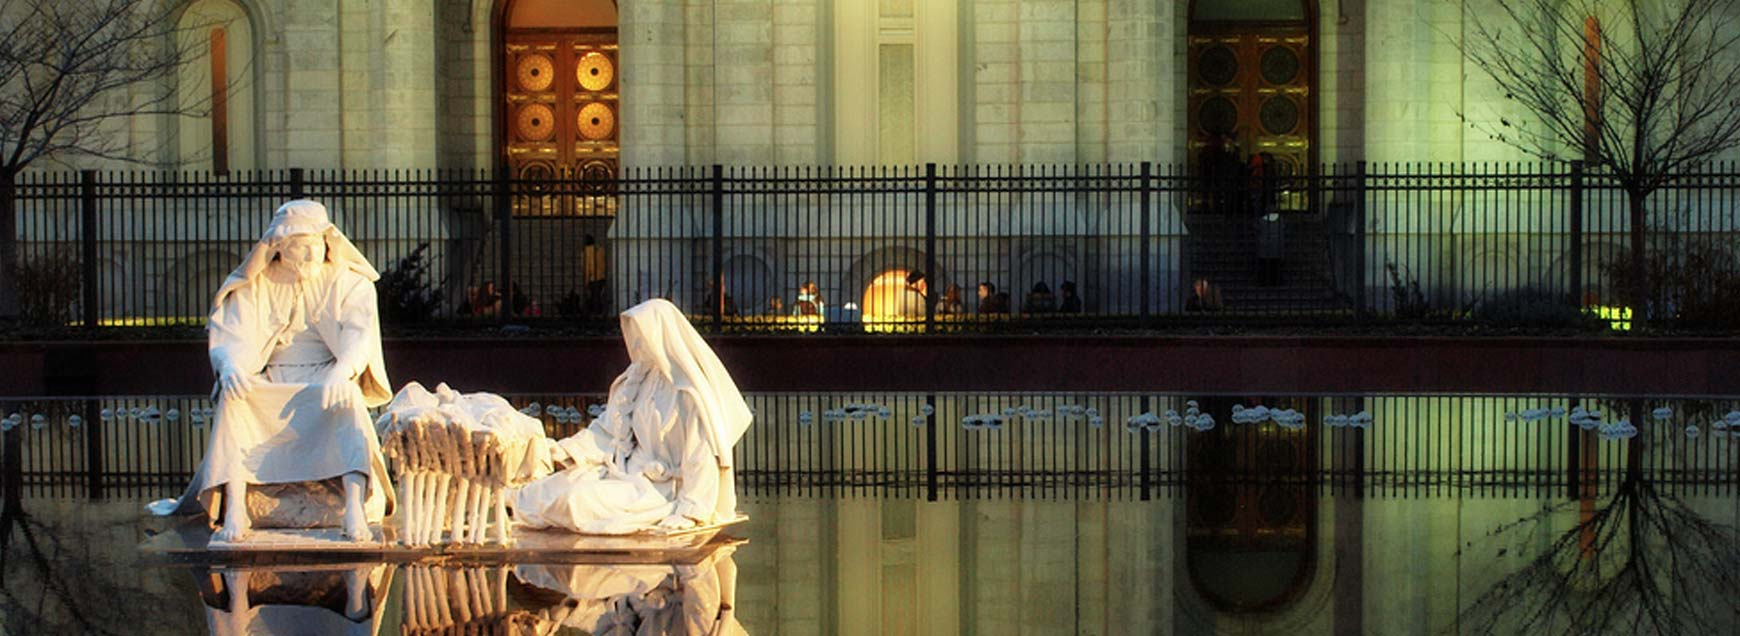 Mormon Beliefs